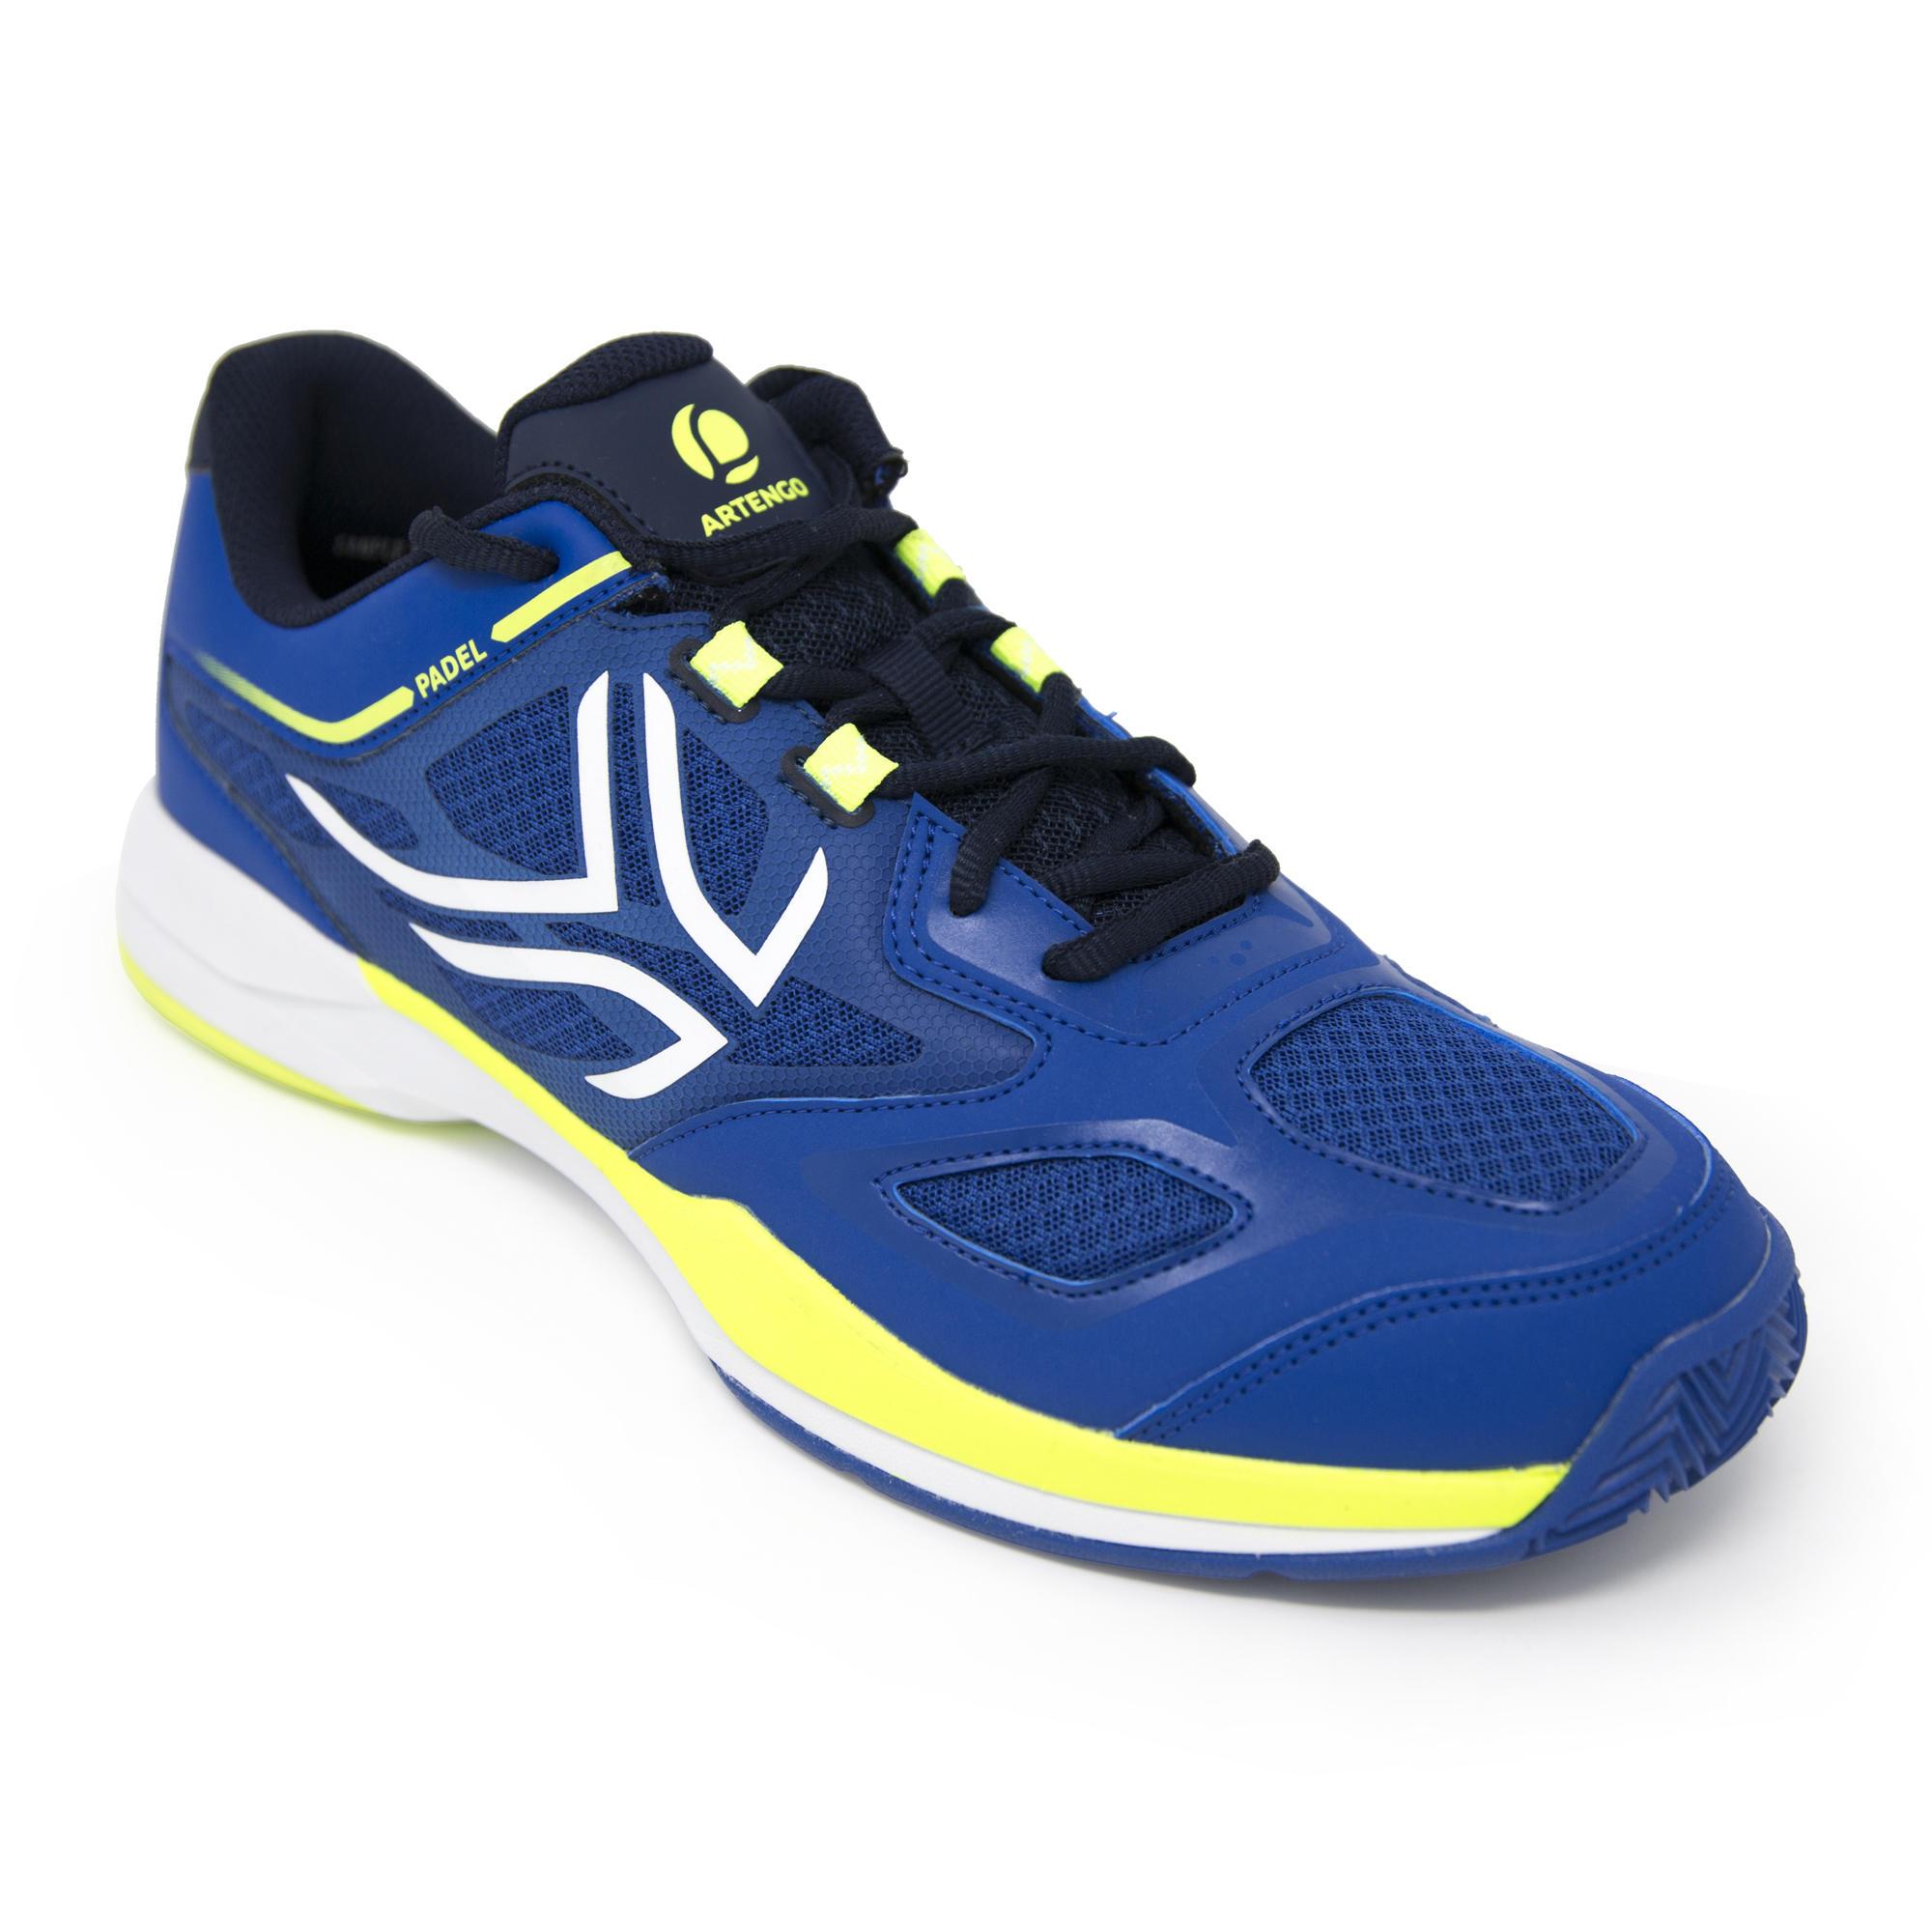 43a4ba760 Comprar Zapatillas de pádel online | Decathlon